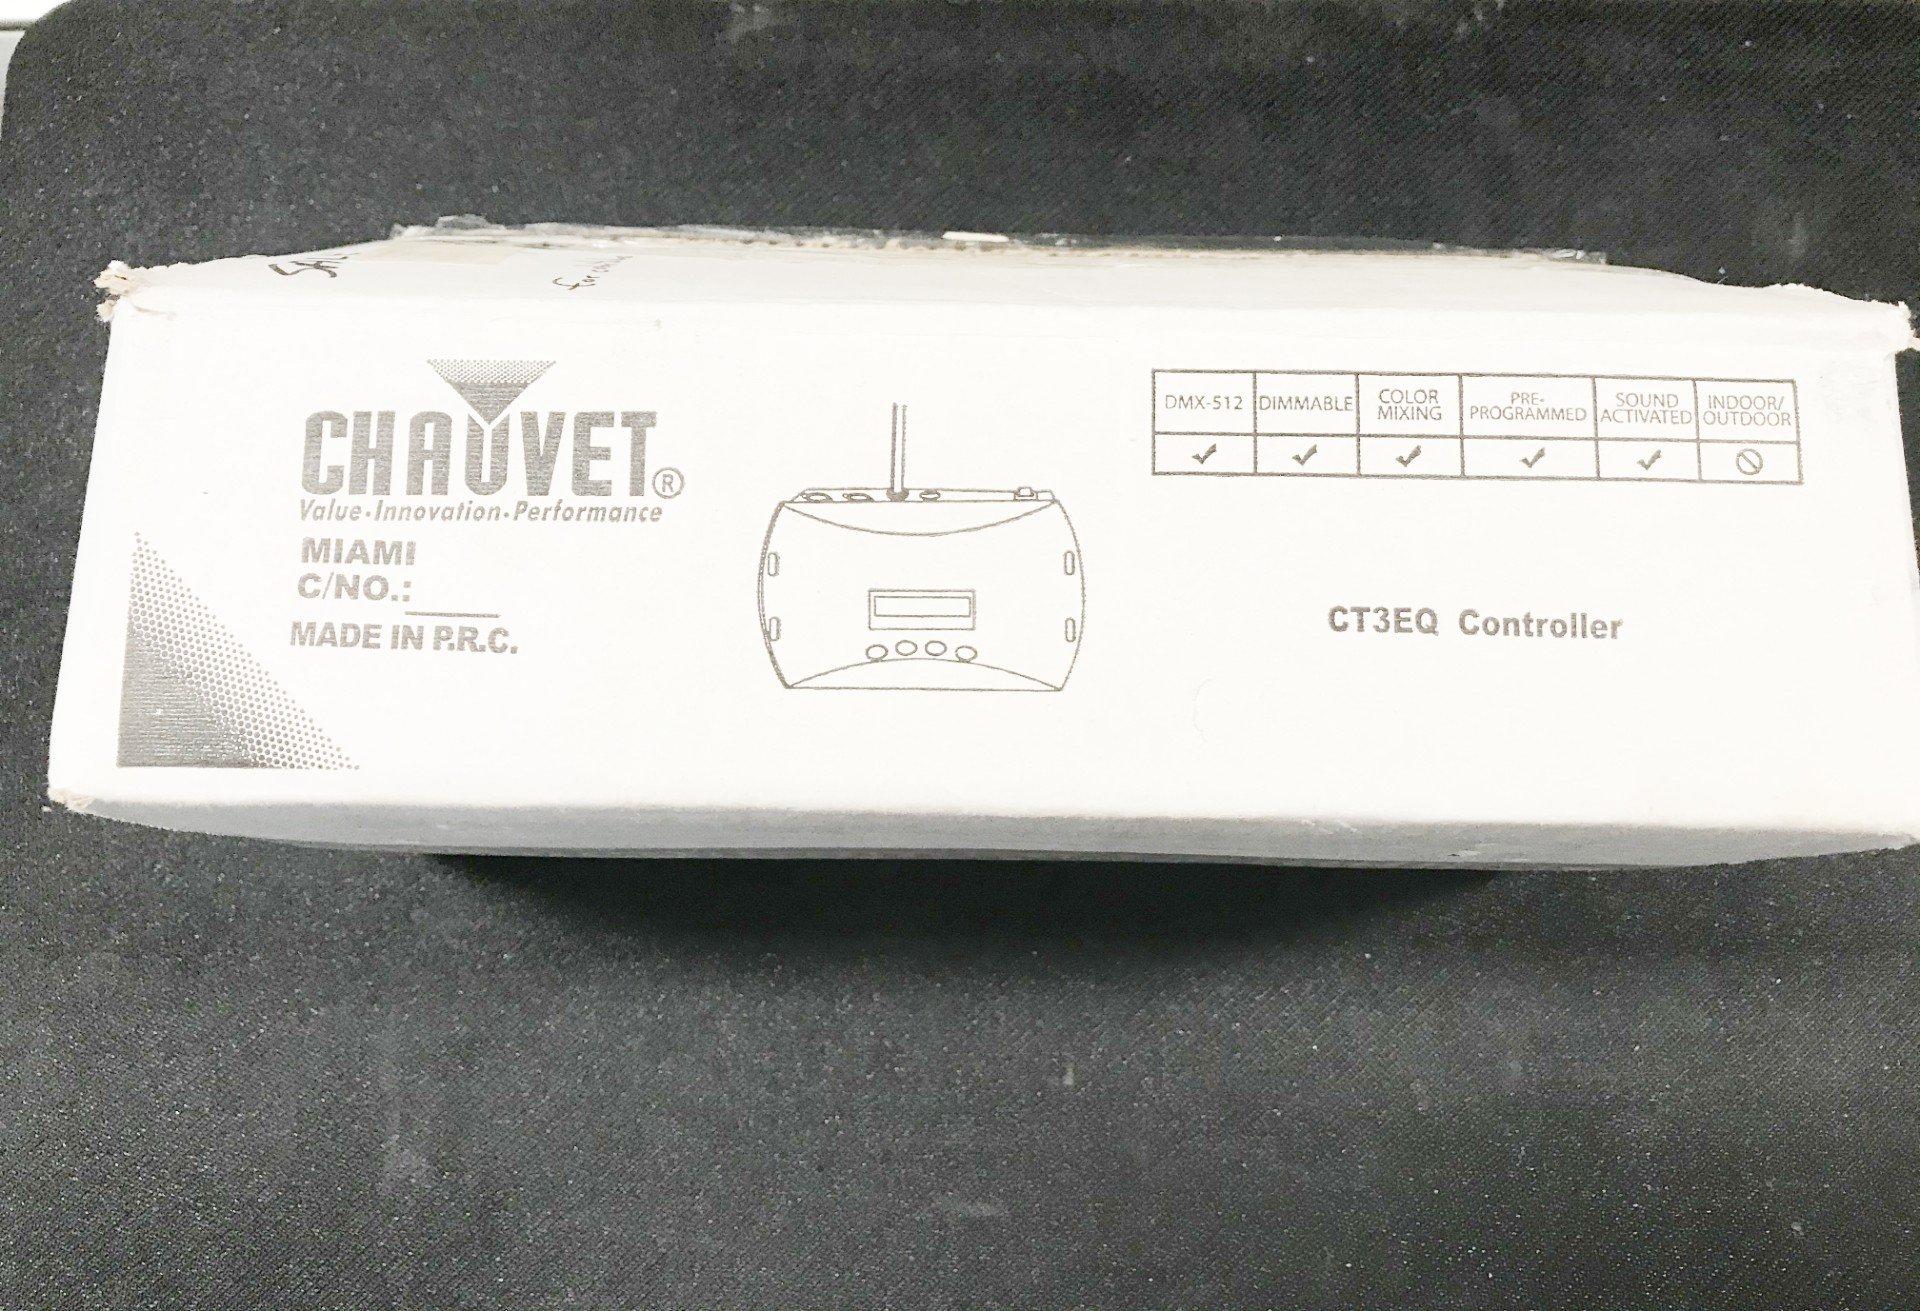 Chauvet CT3EQ foot controller